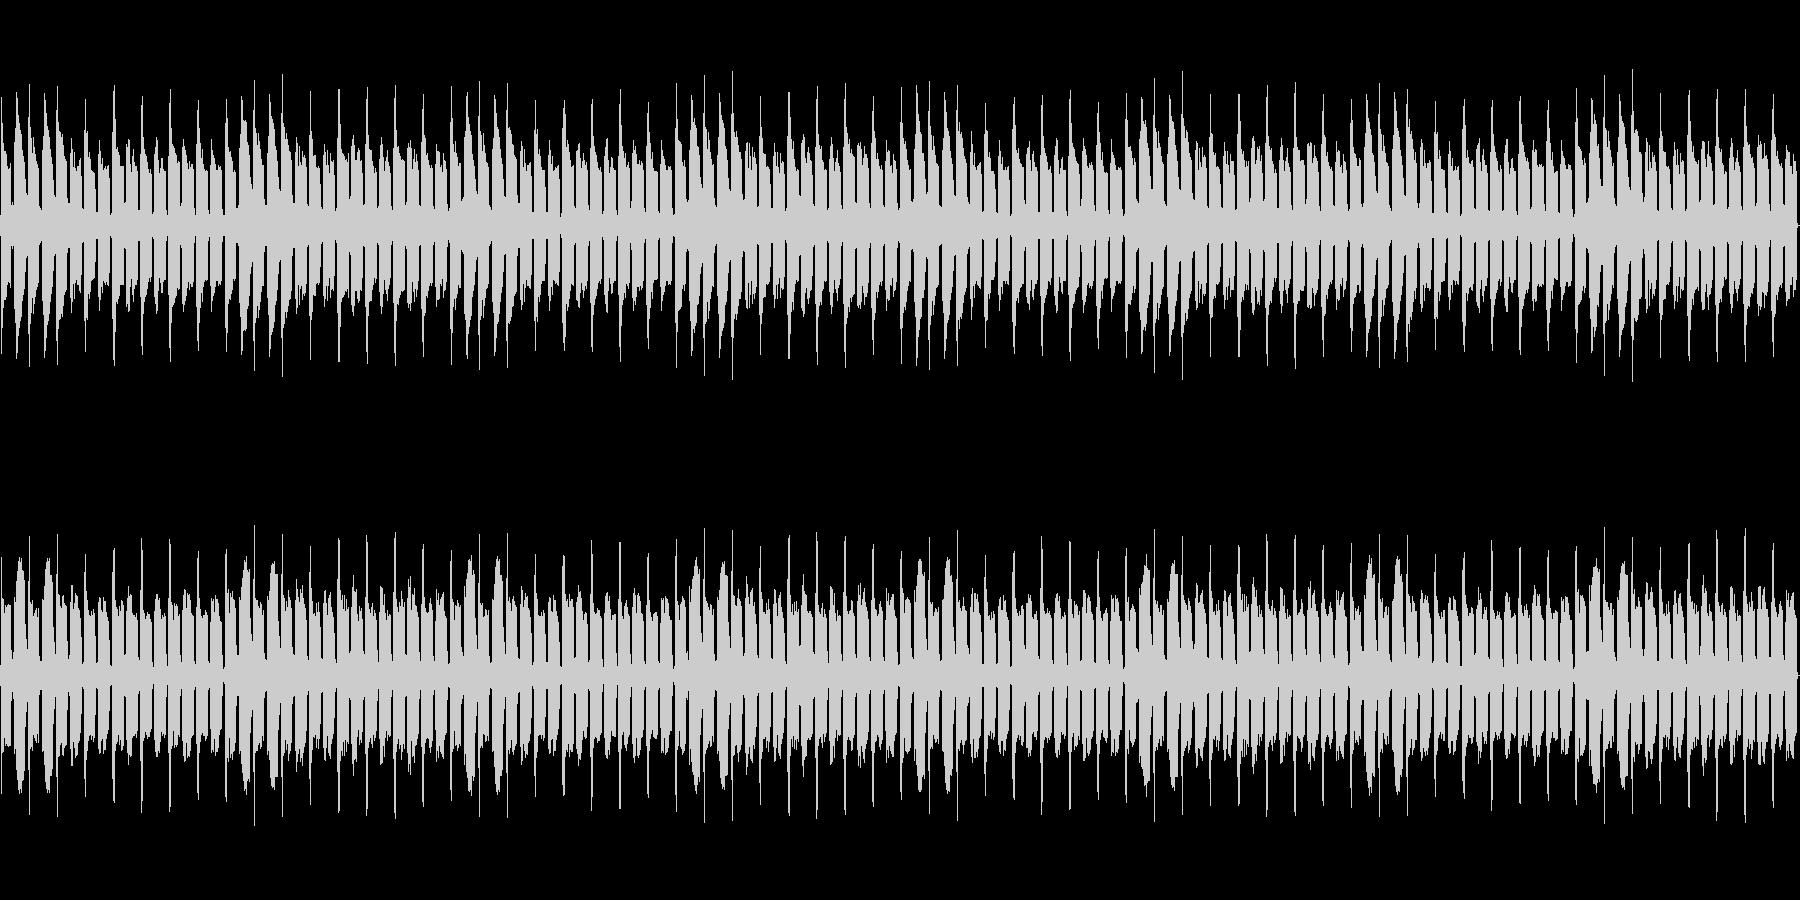 暗いレトロ風BGM【ループ】の未再生の波形